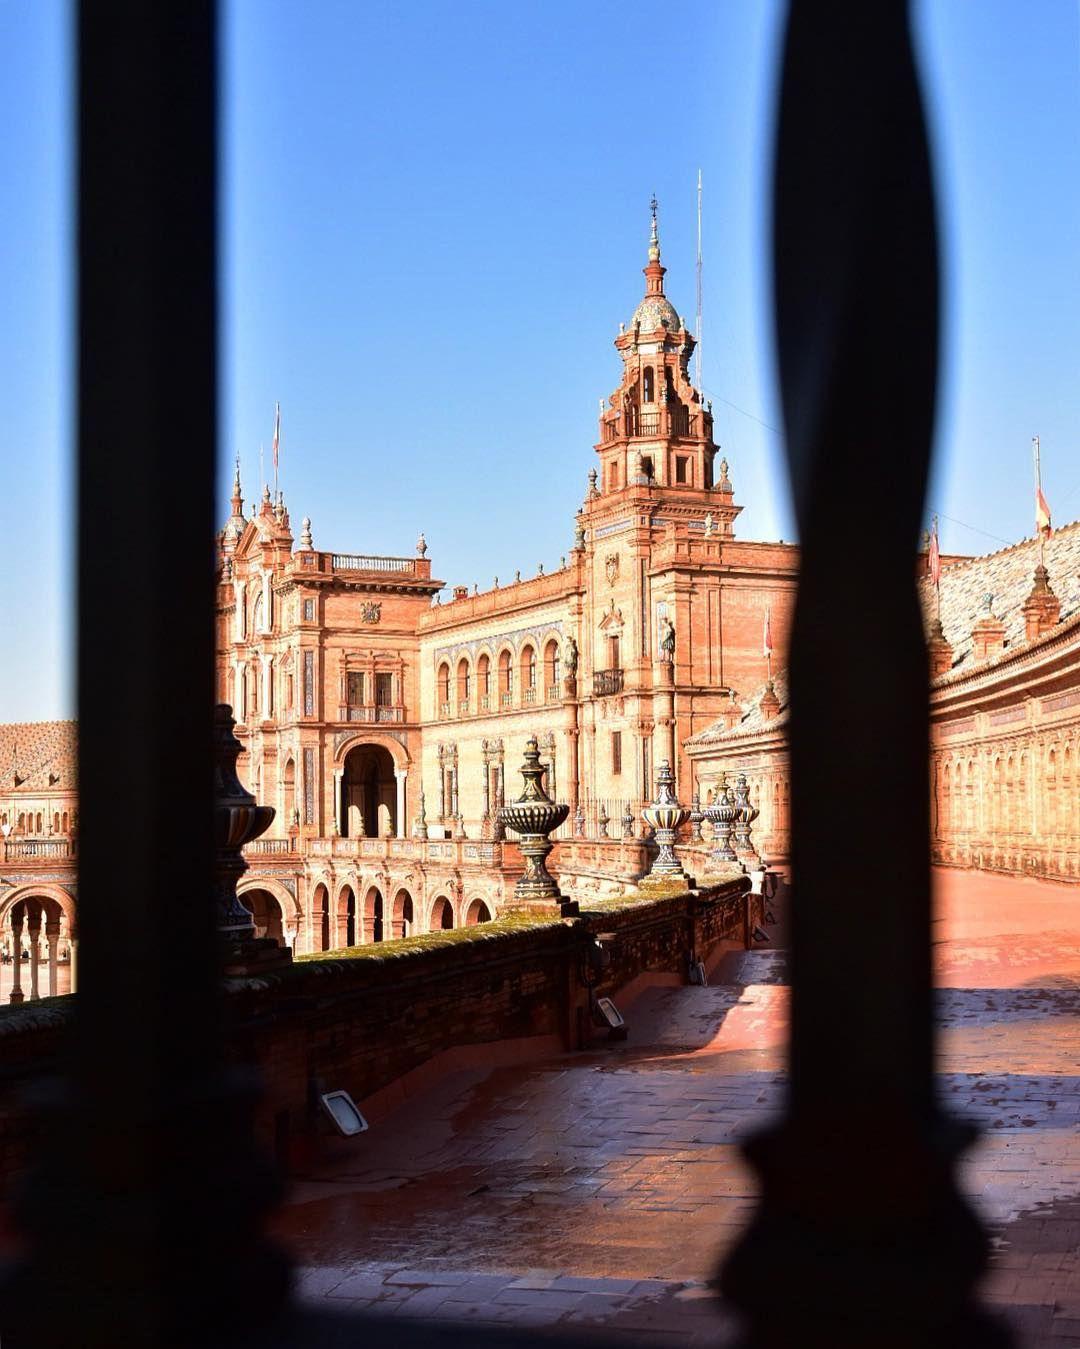 #Sevilla es como soñar con el cielo... #ioeteinviaggioperilmondo